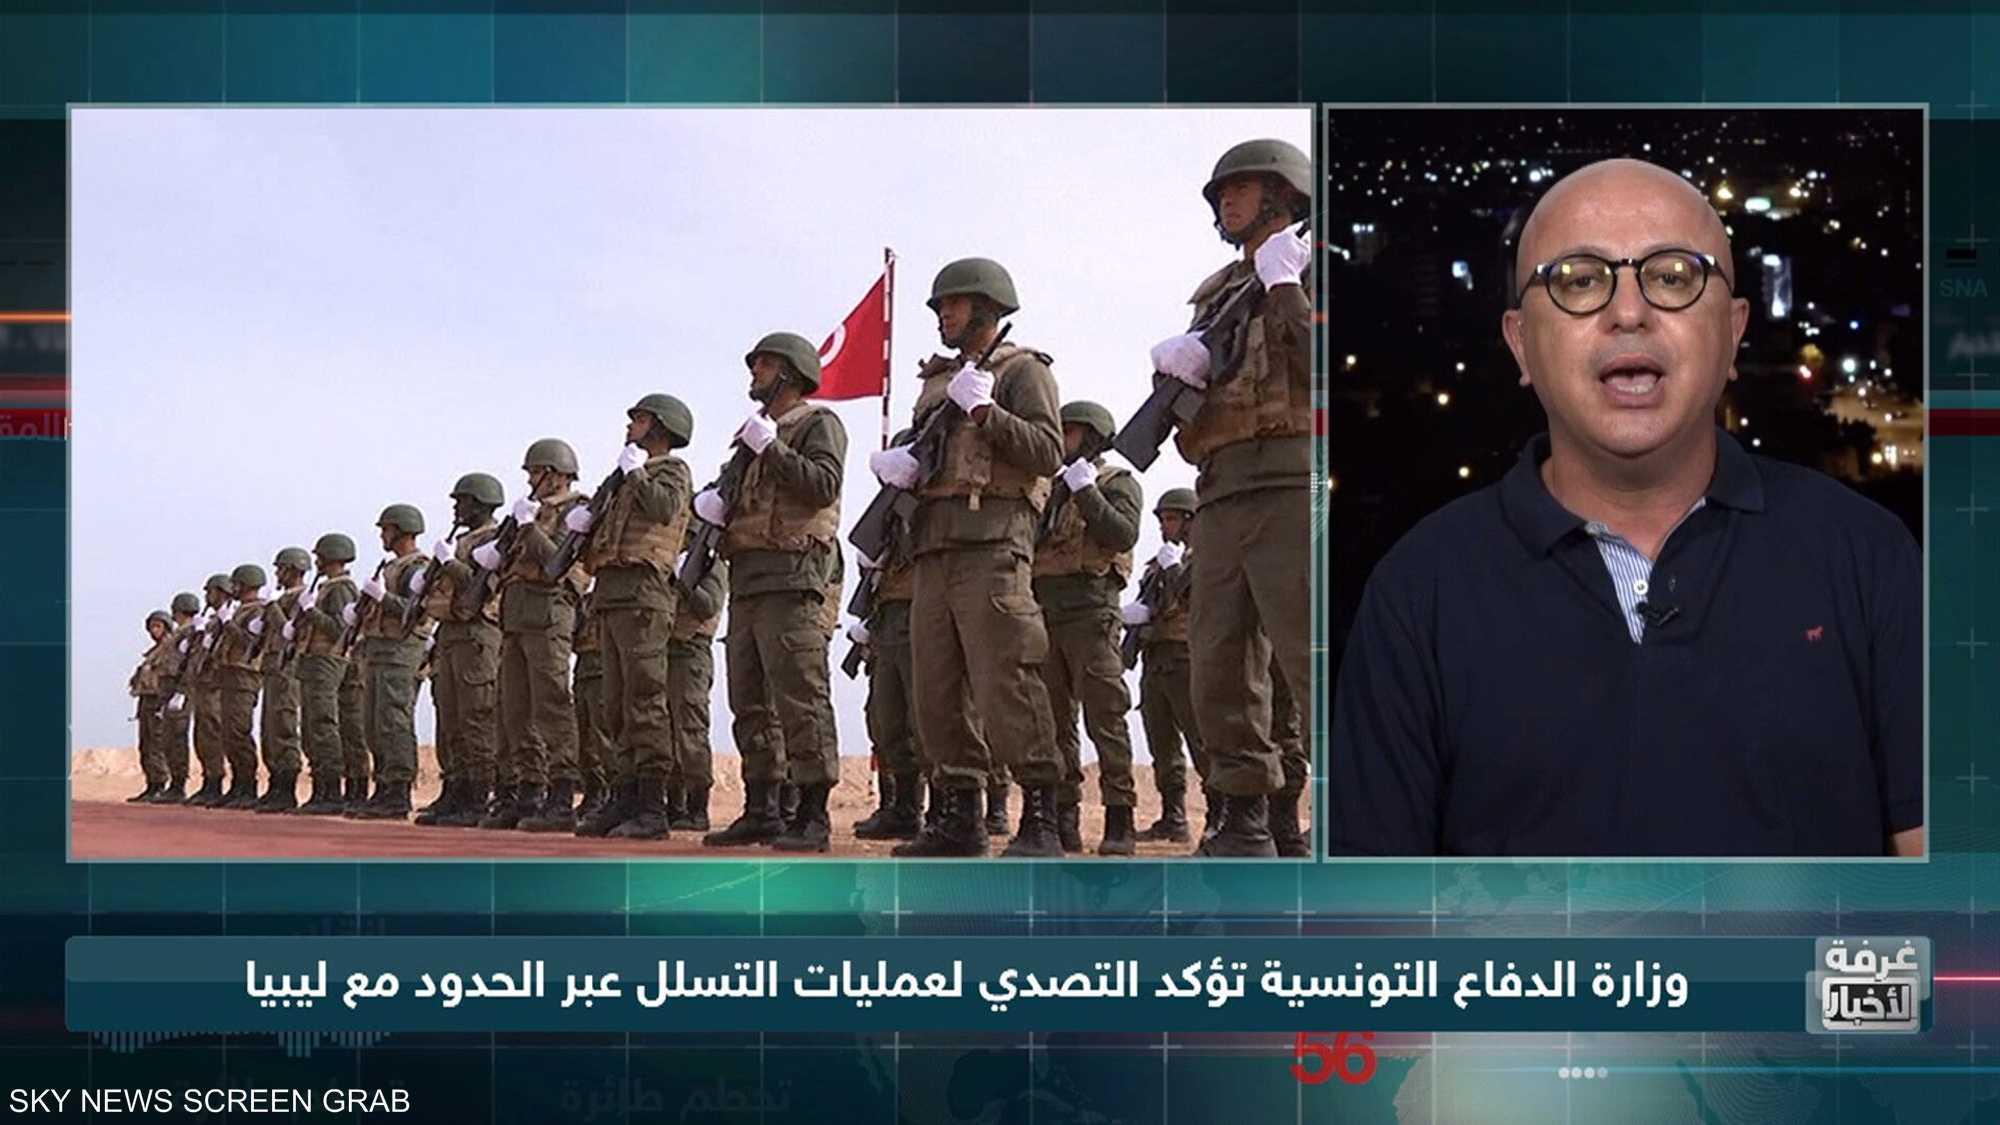 الجيش التونسي يتصدّى لعمليات تسلل مشبوهة عبر الحدود مع ليبيا